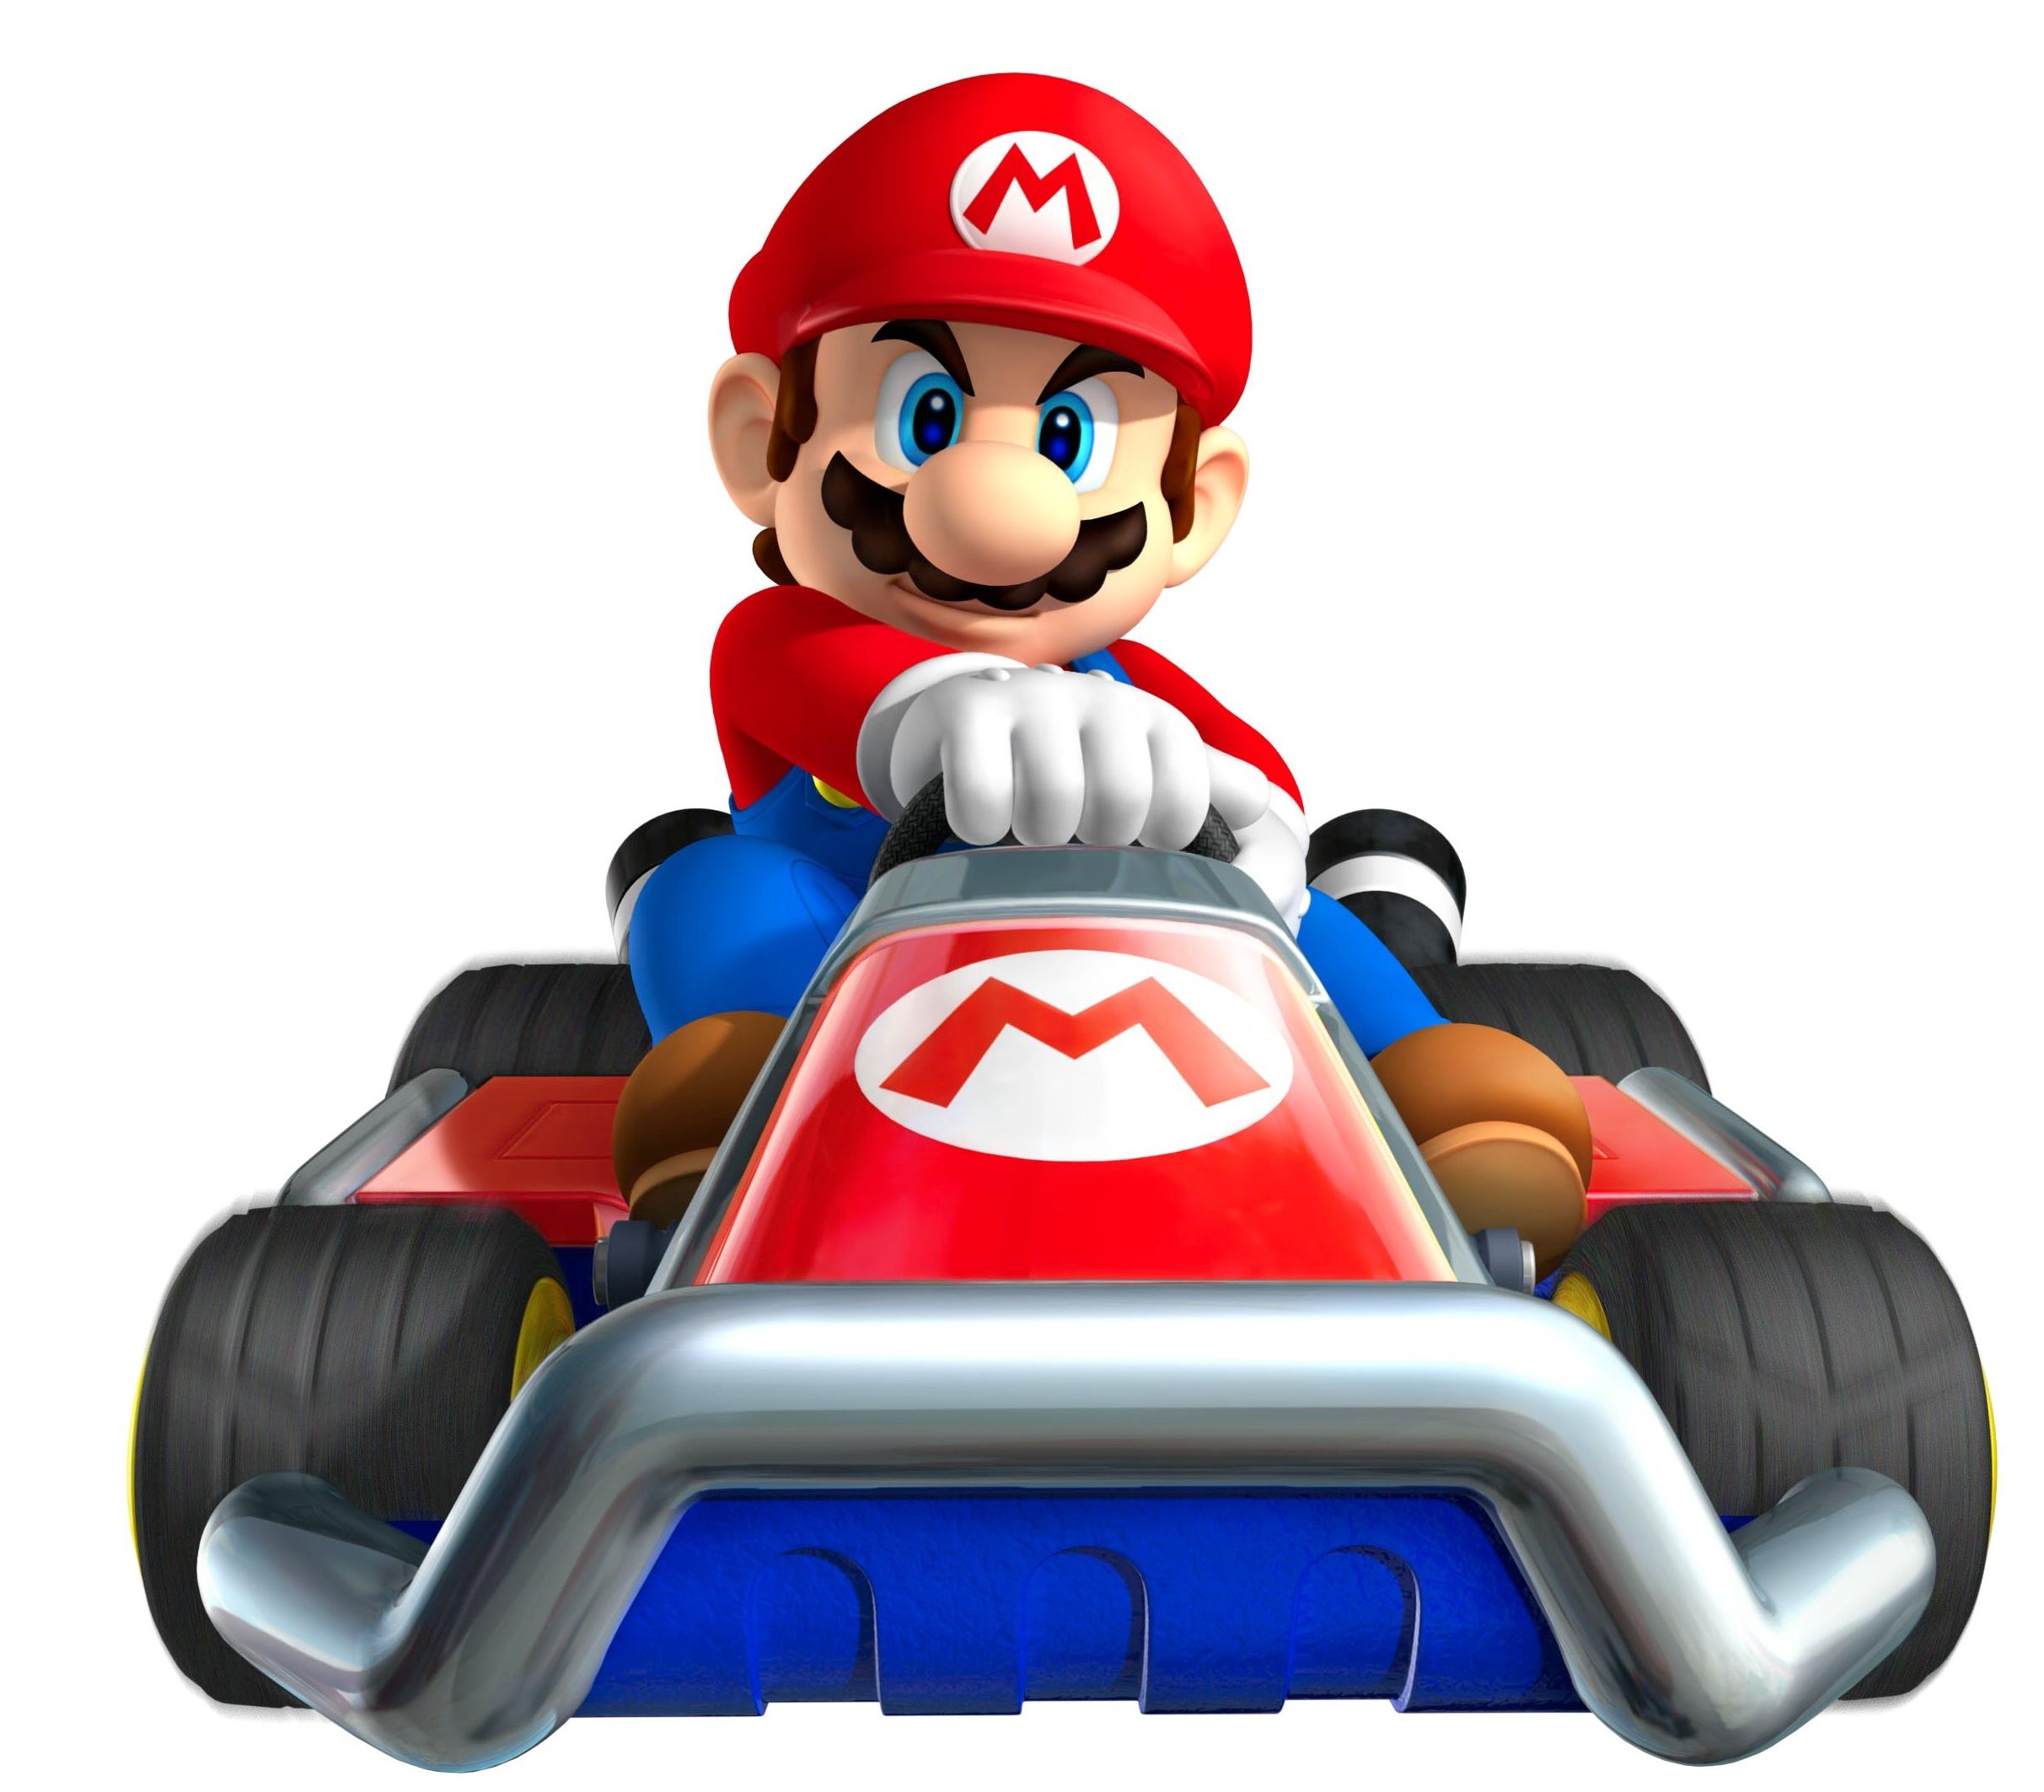 Mario clipart mario kart Fans Mario Clipart Clipart 41